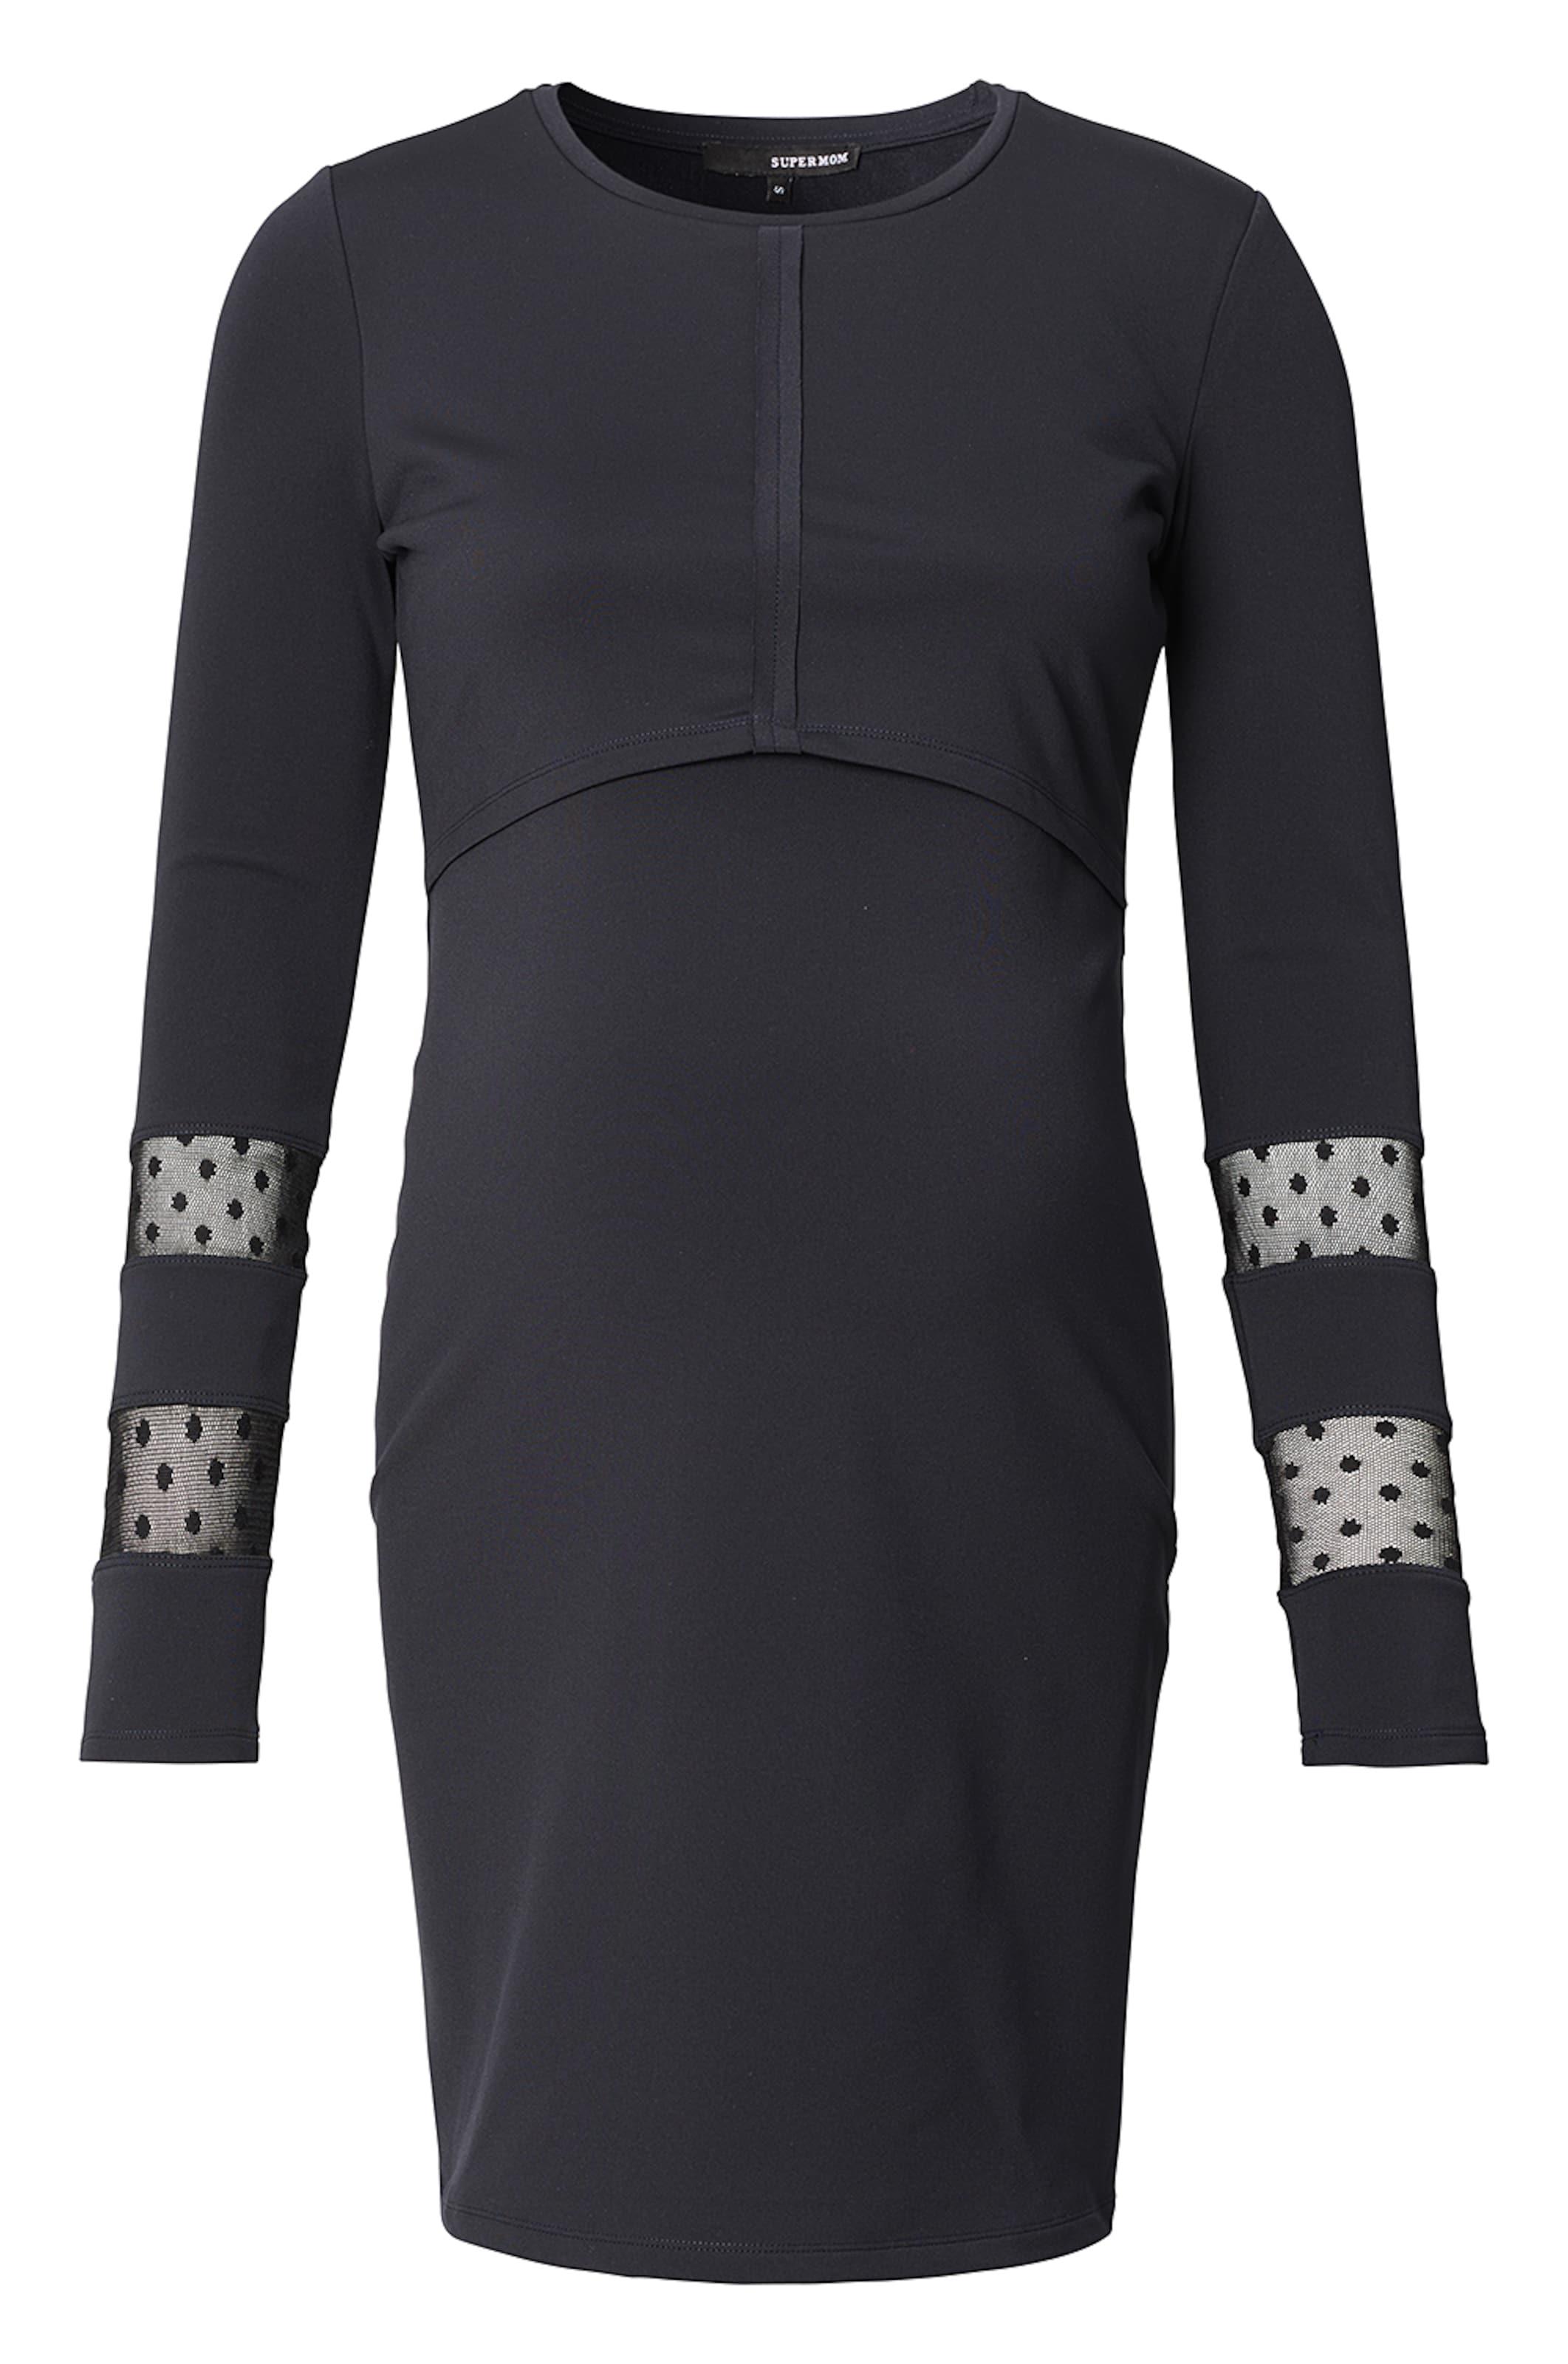 Noppies Kleid Countdown-Paket Billig Verkauf Amazon F5HsMEVl